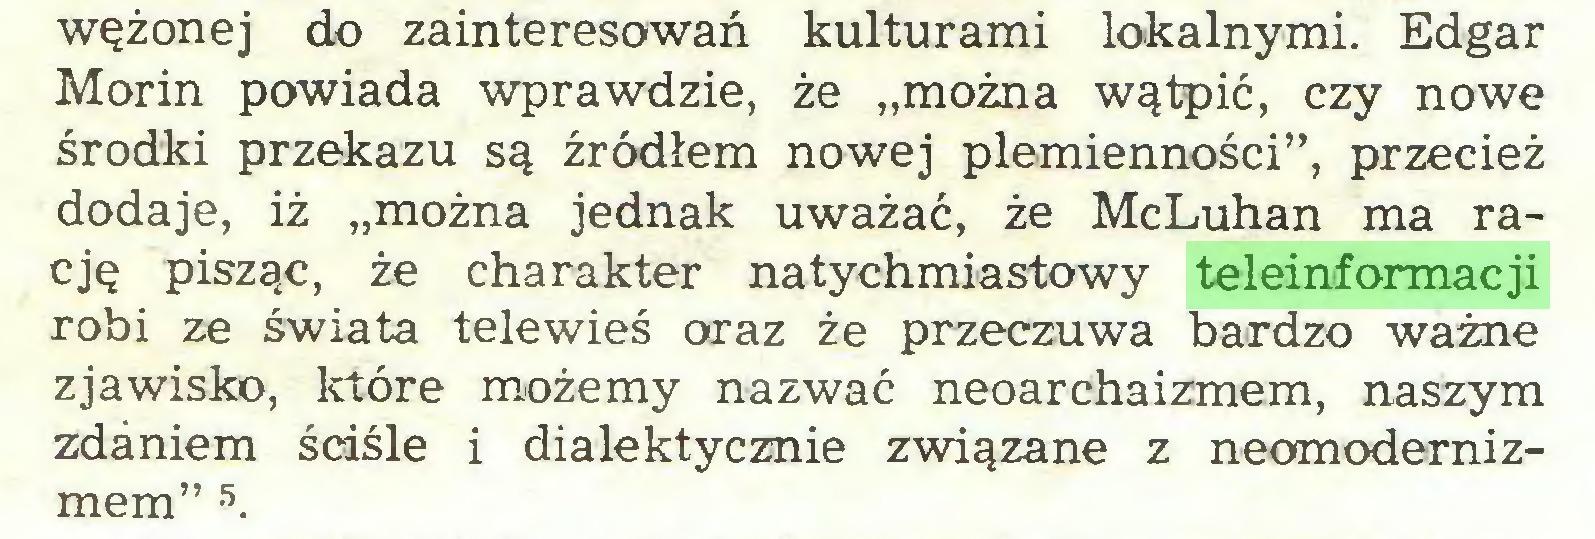 """(...) wężonej do zainteresowań kulturami lokalnymi. Edgar Morin powiada wprawdzie, że """"można wątpić, czy nowe środki przekazu są źródłem nowej plemienności"""", przecież dodaje, iż """"można jednak uważać, że McLuhan ma rację pisząc, że charakter natychmiastowy teleinformacji robi ze świata telewieś oraz że przeczuwa bardzo ważne zjawisko, które możemy nazwać neoarchaizmem, naszym zdaniem ściśle i dialektycznie związane z neomodernizmem"""" 5..."""